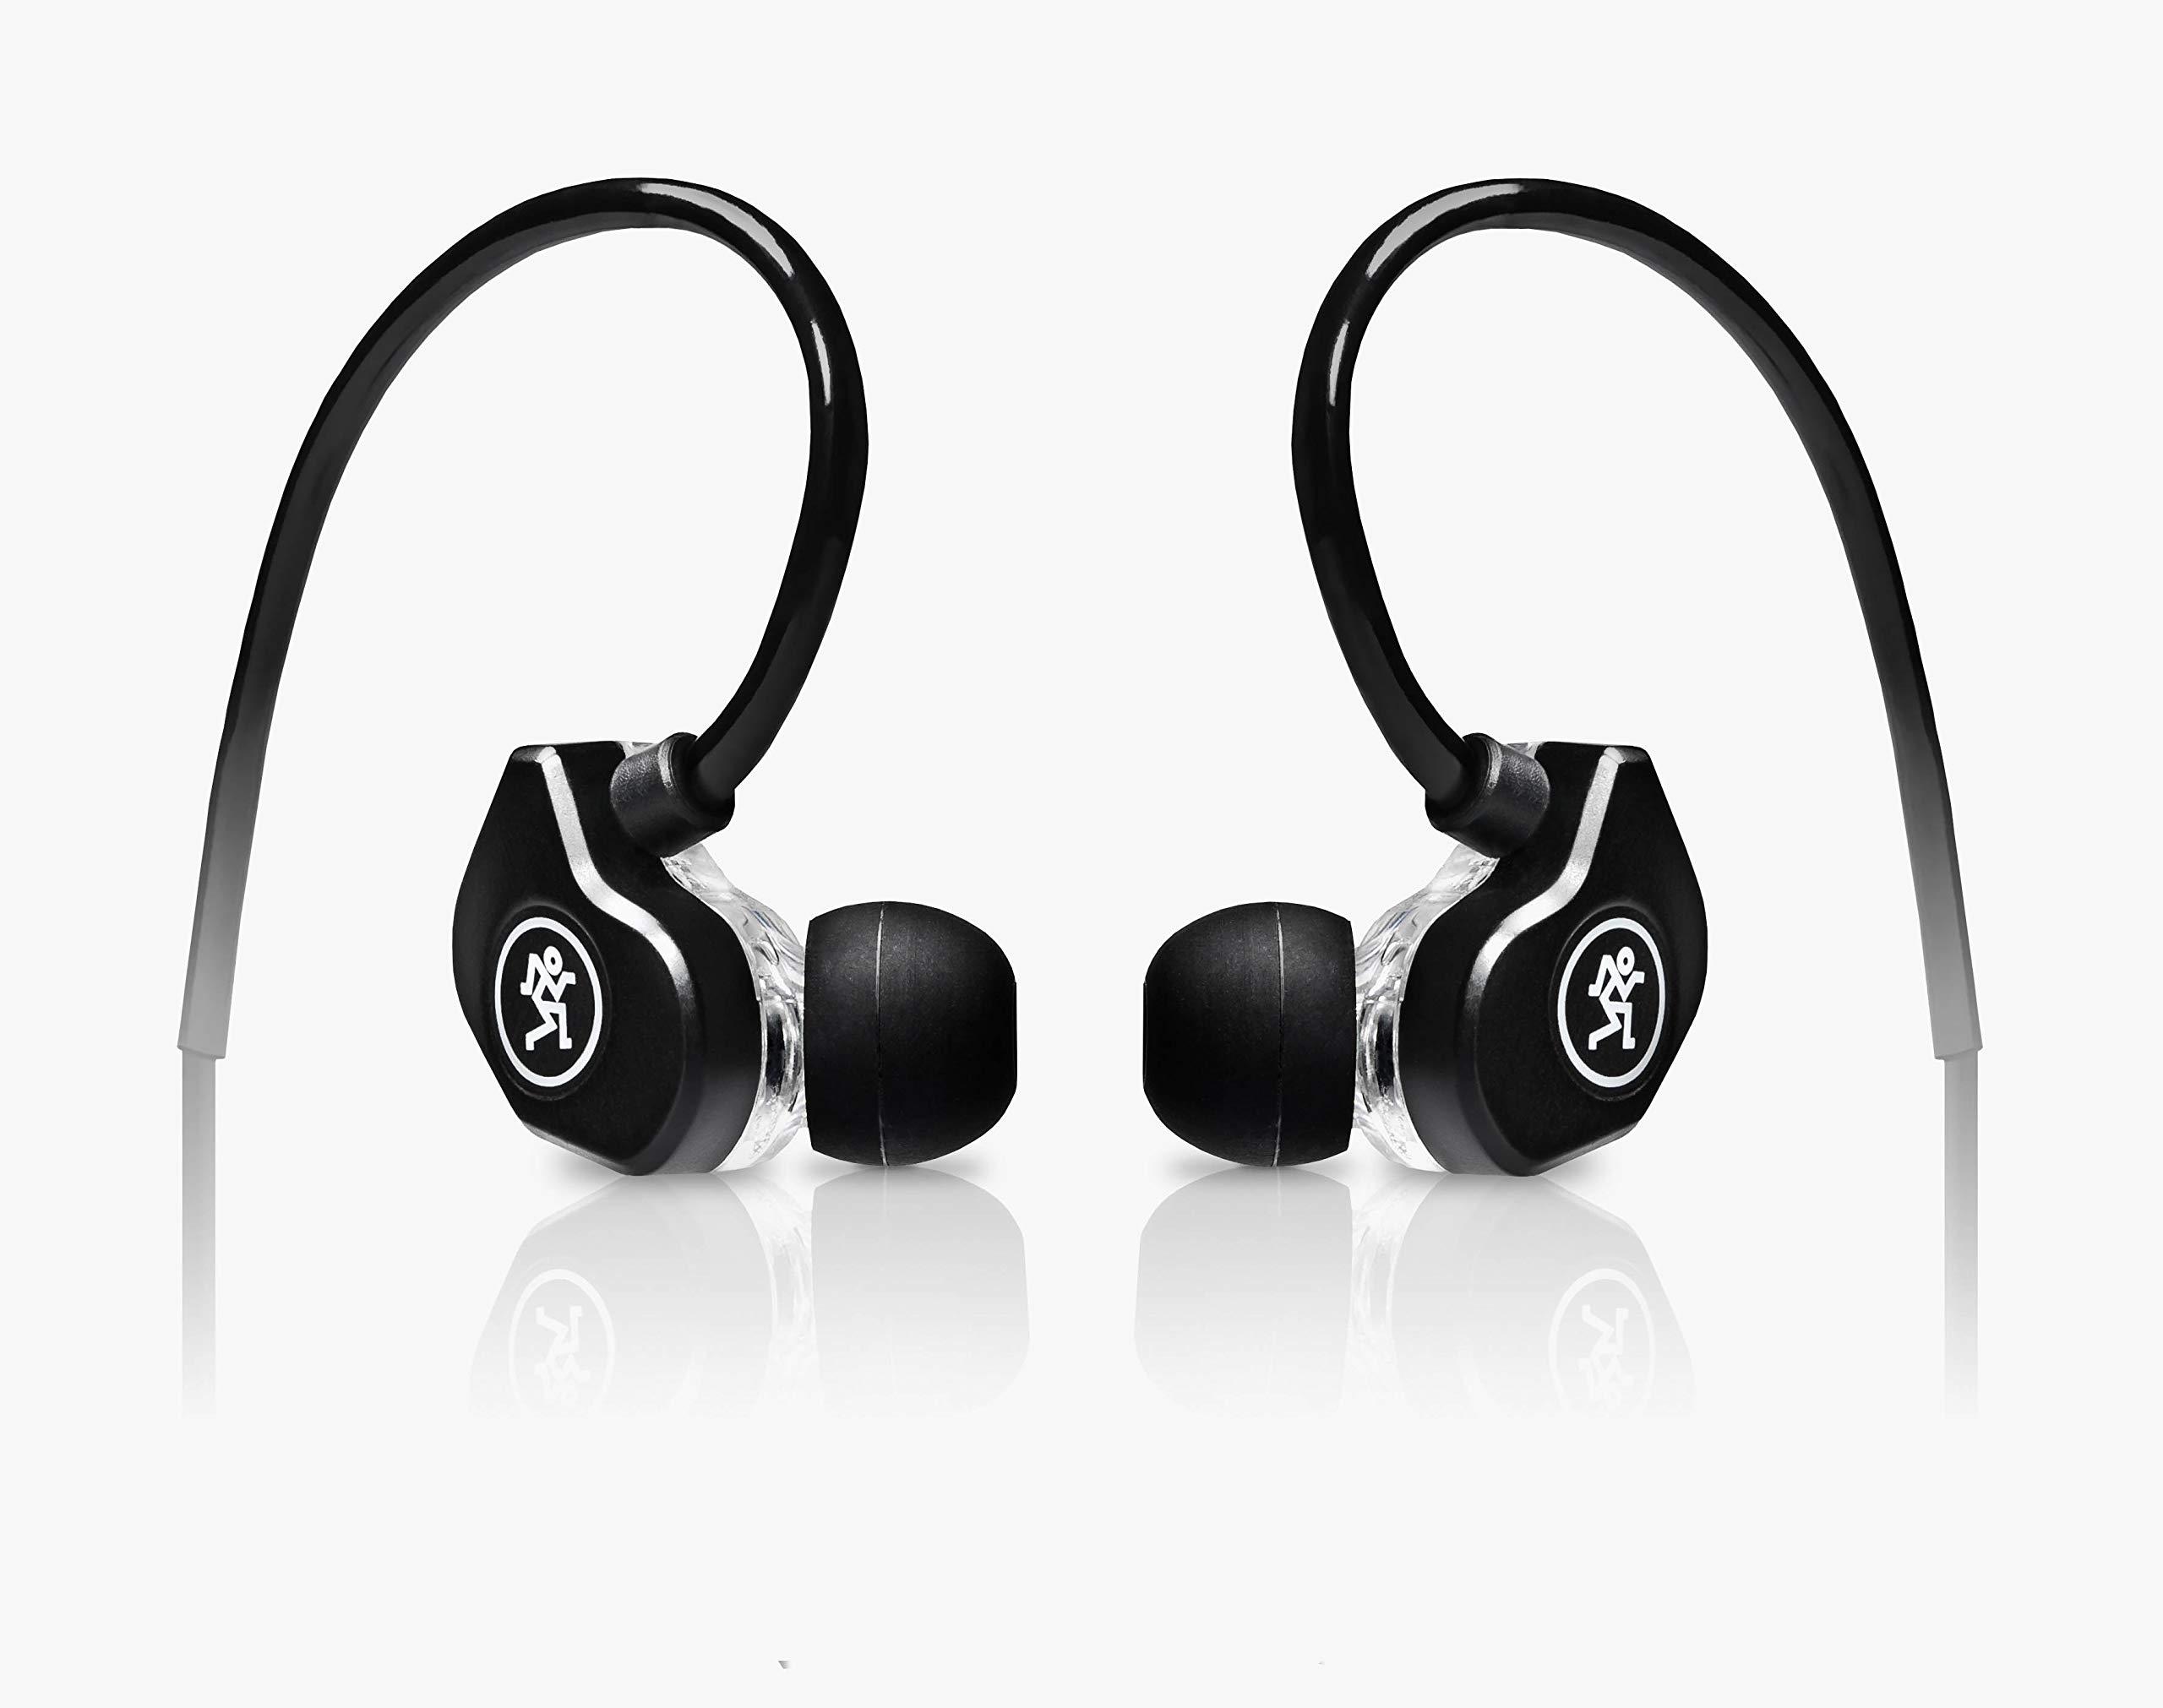 Mackie Cr Series Ear Buds